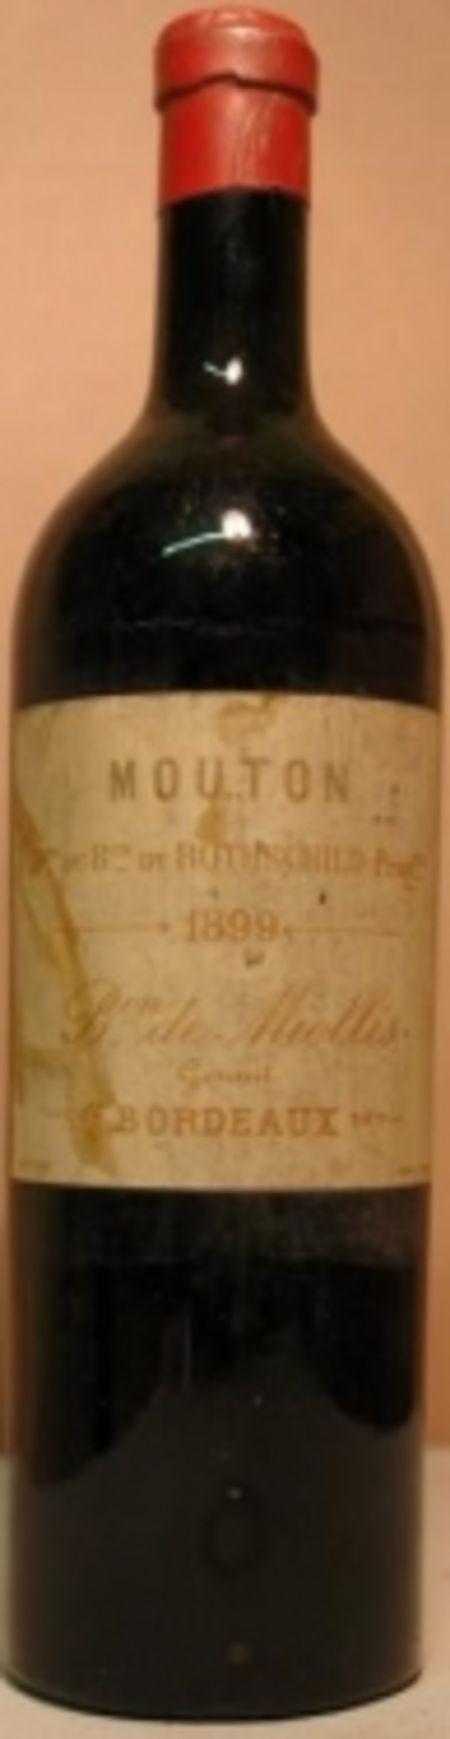 CHÂTEAU MOUTON ROTHSCHILD (3.0L) 1979